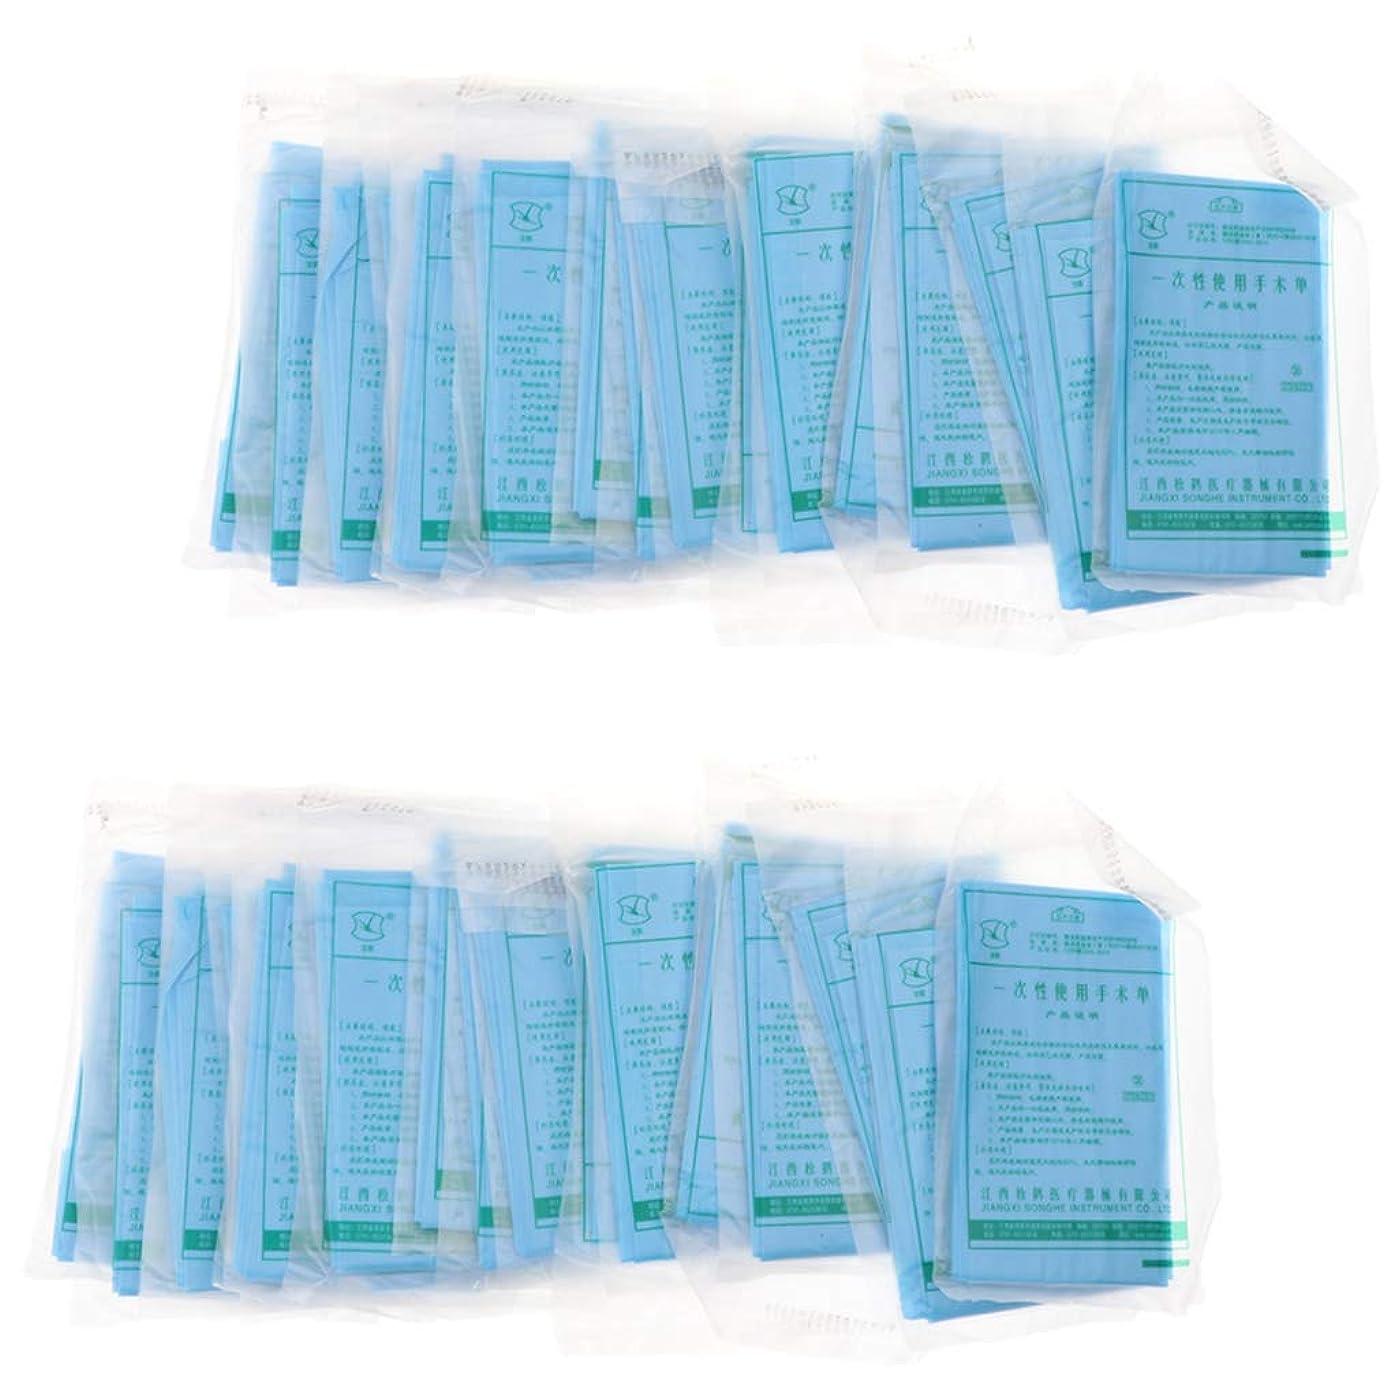 かなりのサスペンド経験的Perfeclan 使い捨て ヘッドレスト 紙シート クッションカバー 衛生的 使い捨て マッサージ 美容